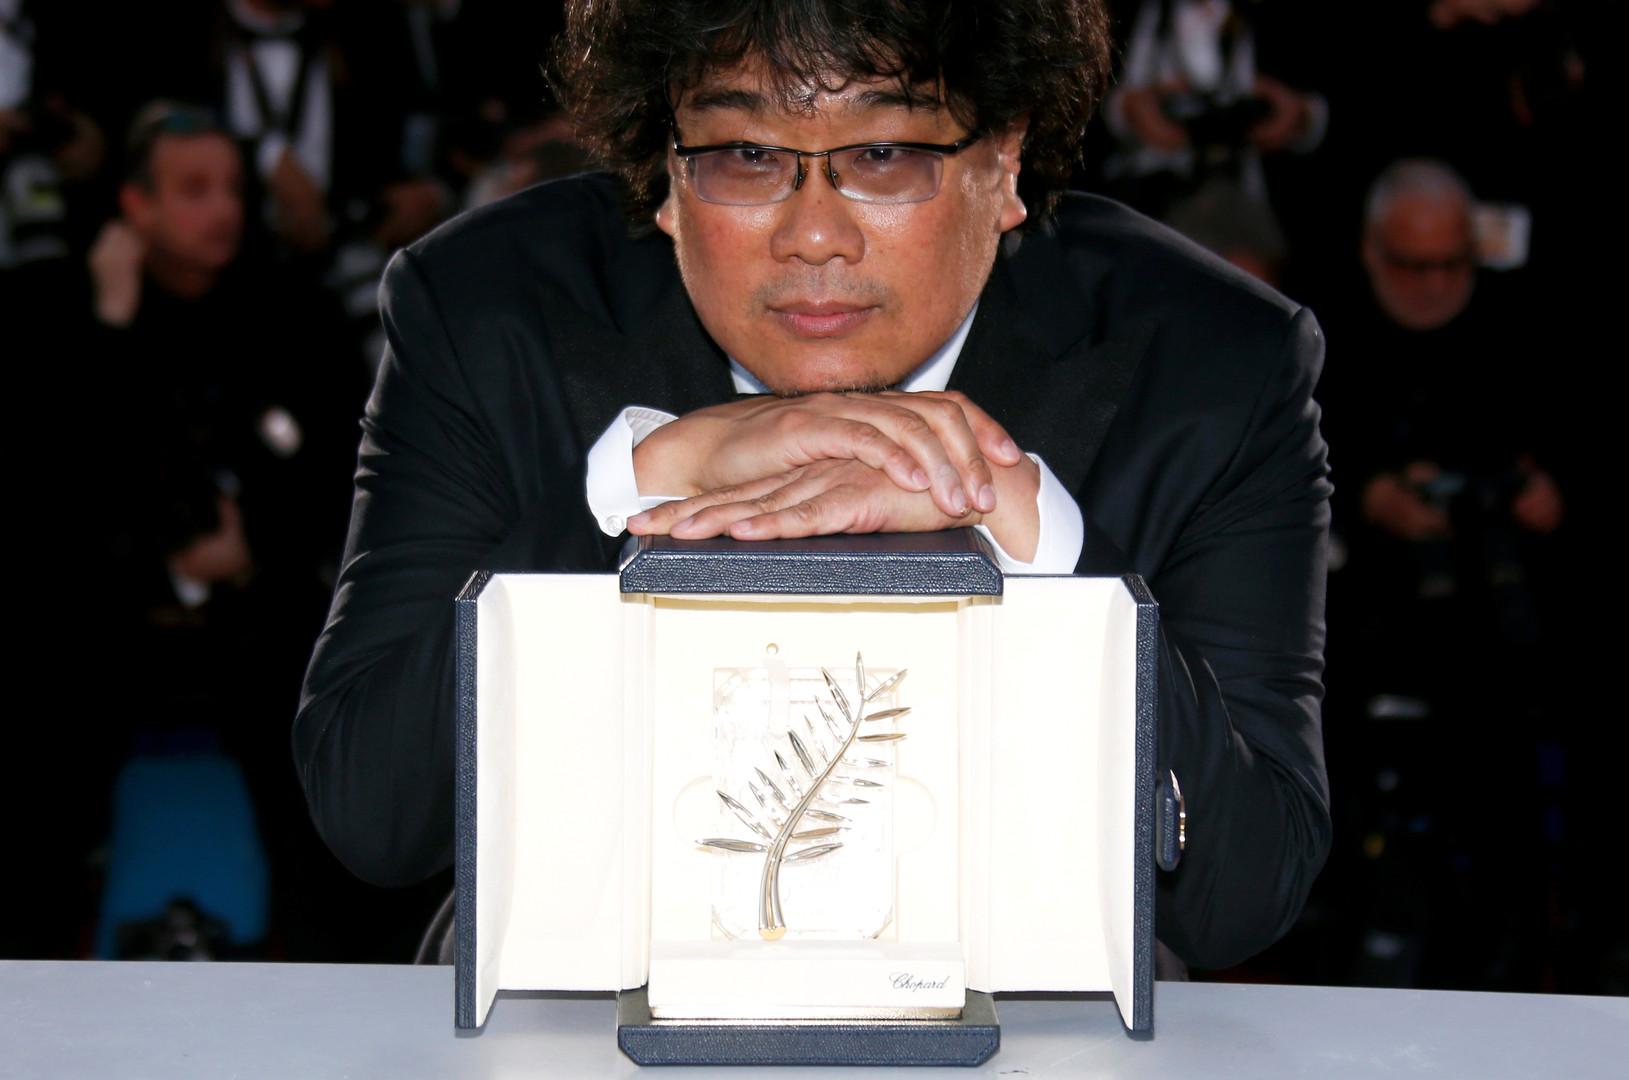 المخرج الكوري الجنوبي الفائز بالسعفة الذهبية في مهرجان كان